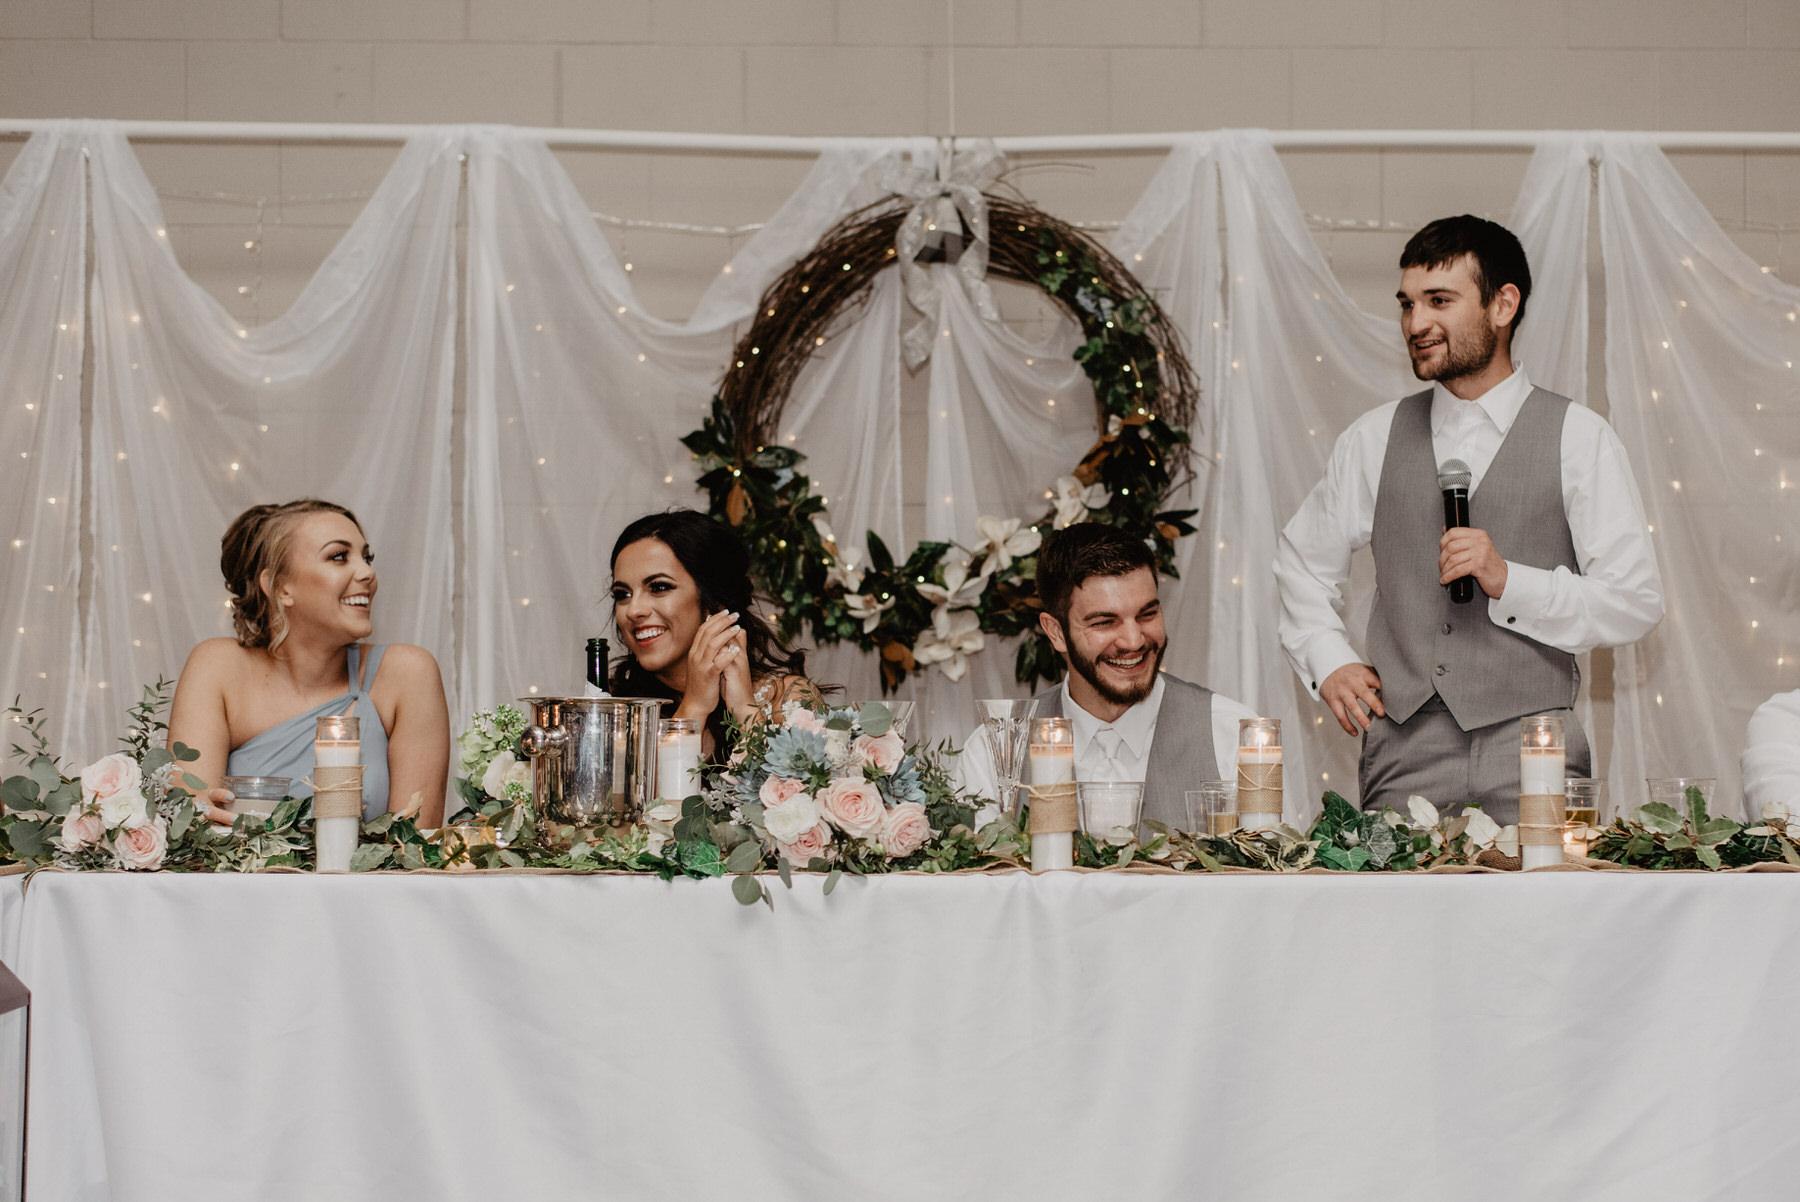 Kaylie-Sirek-Photography-Kearney-Nebraska-Wedding-107.jpg